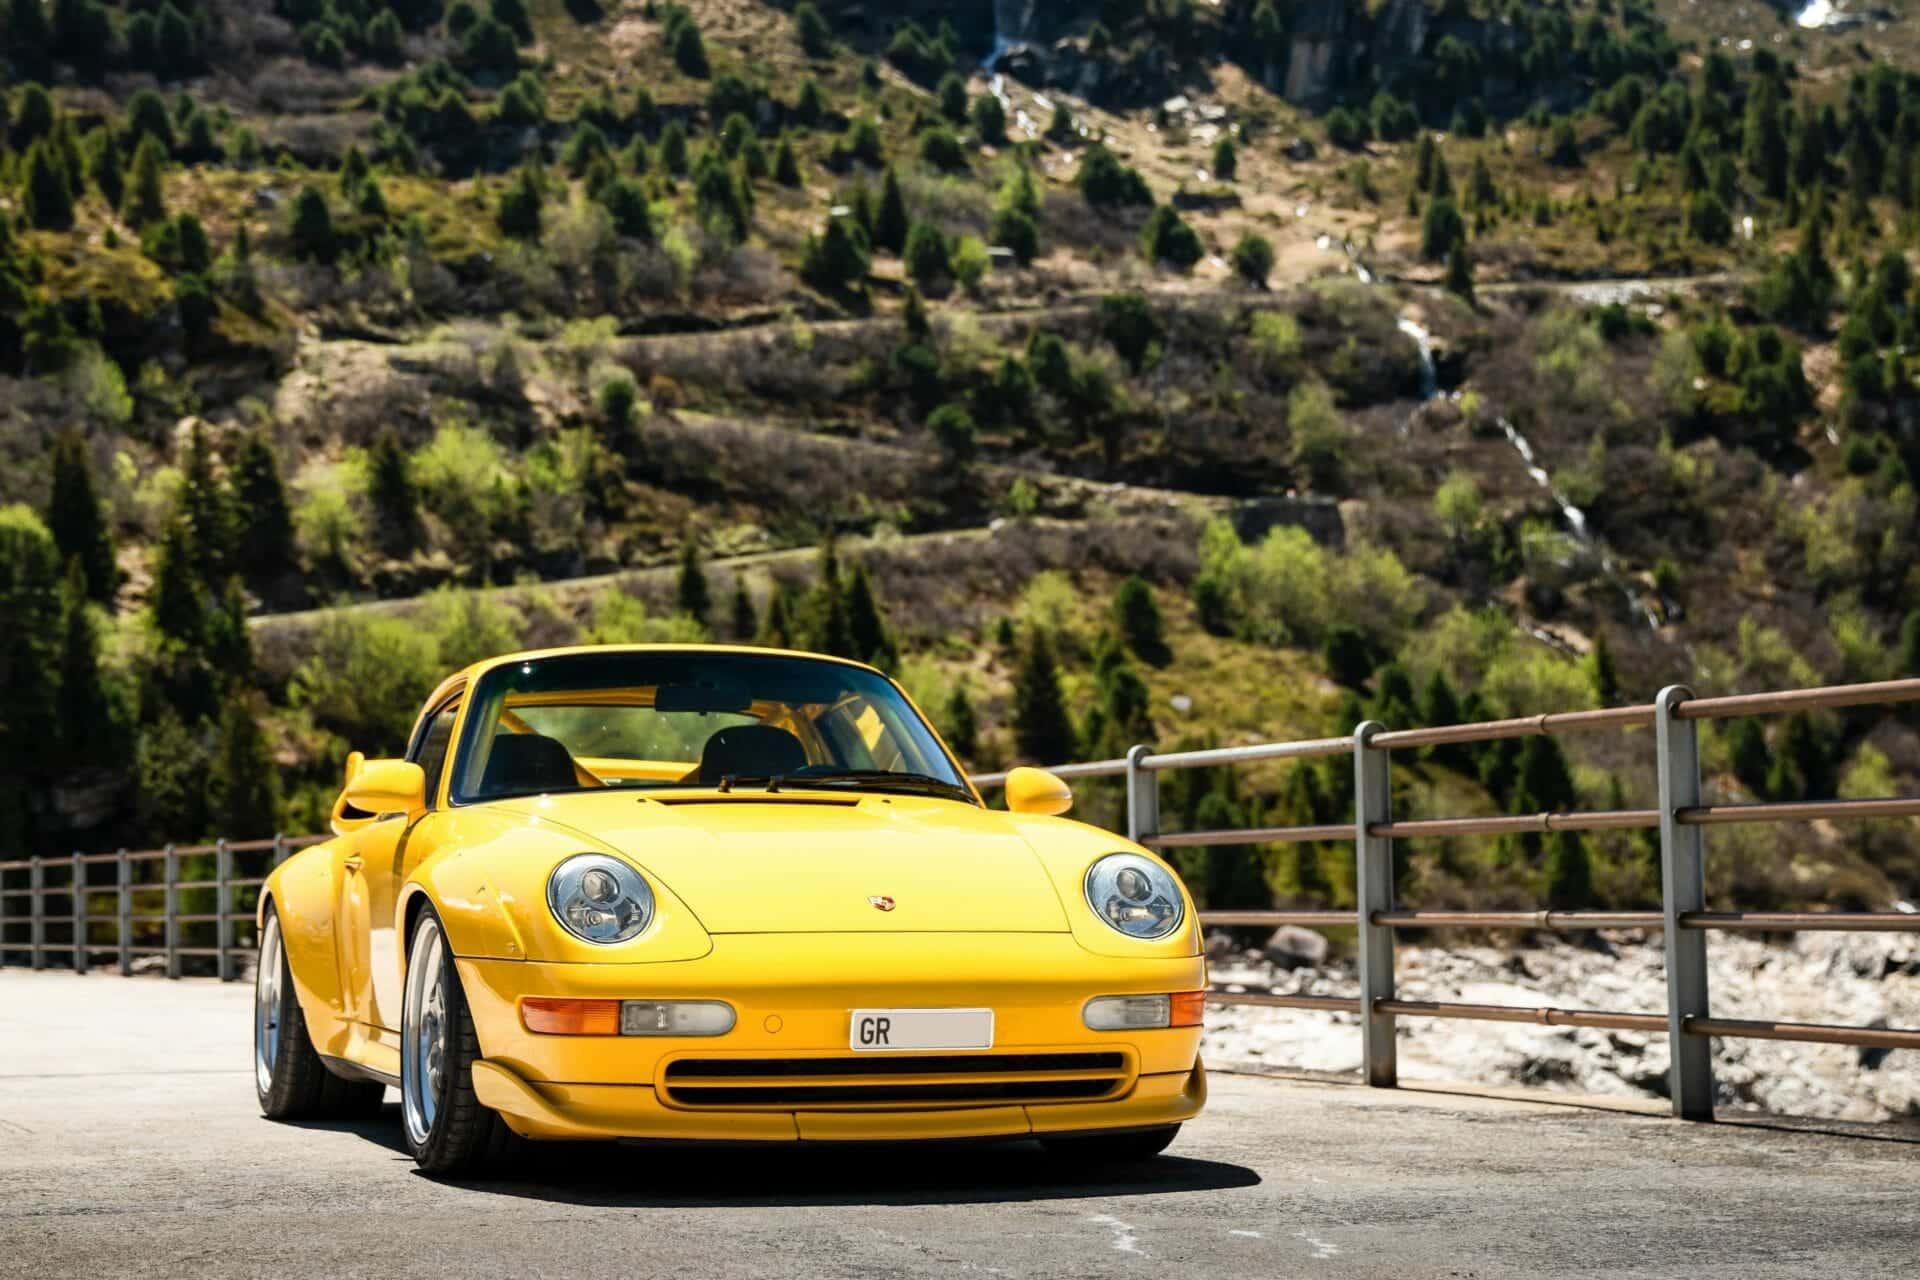 Porsche 993 GT2 Clubsport - Picture 2